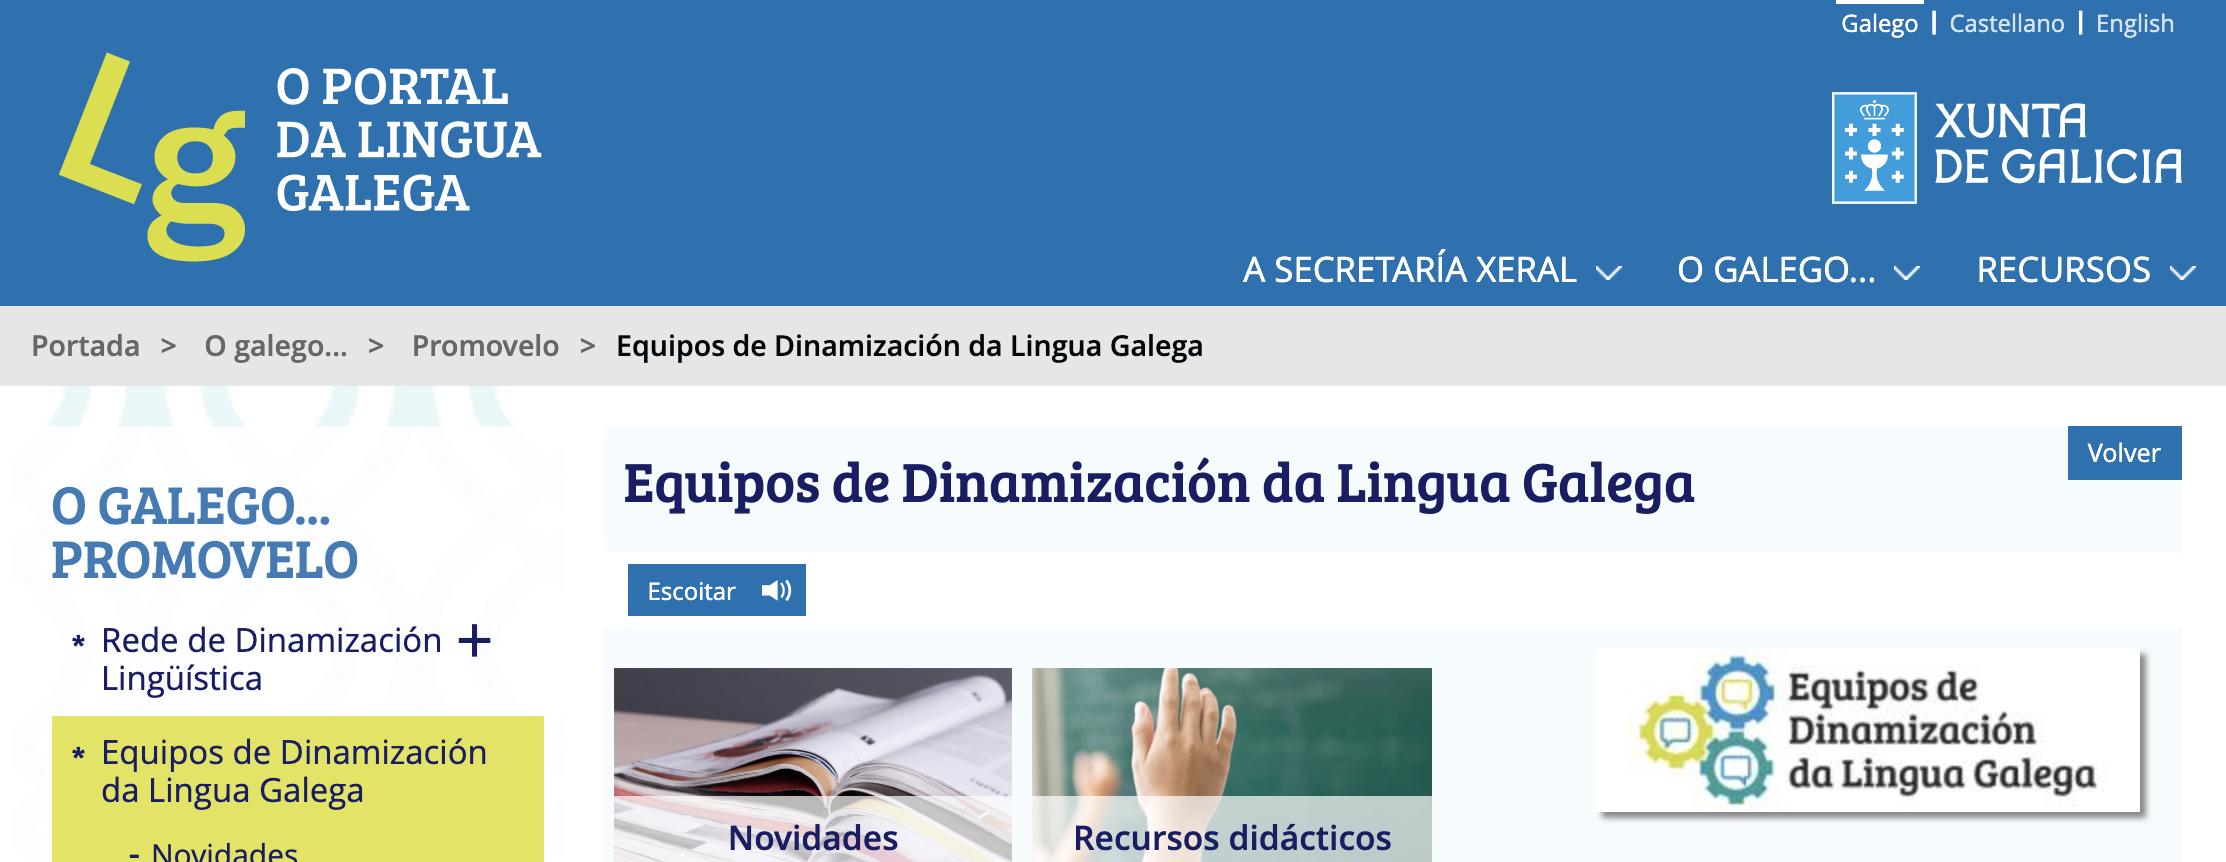 EDLG (Equipos de Dinamización da Lingua Galega)